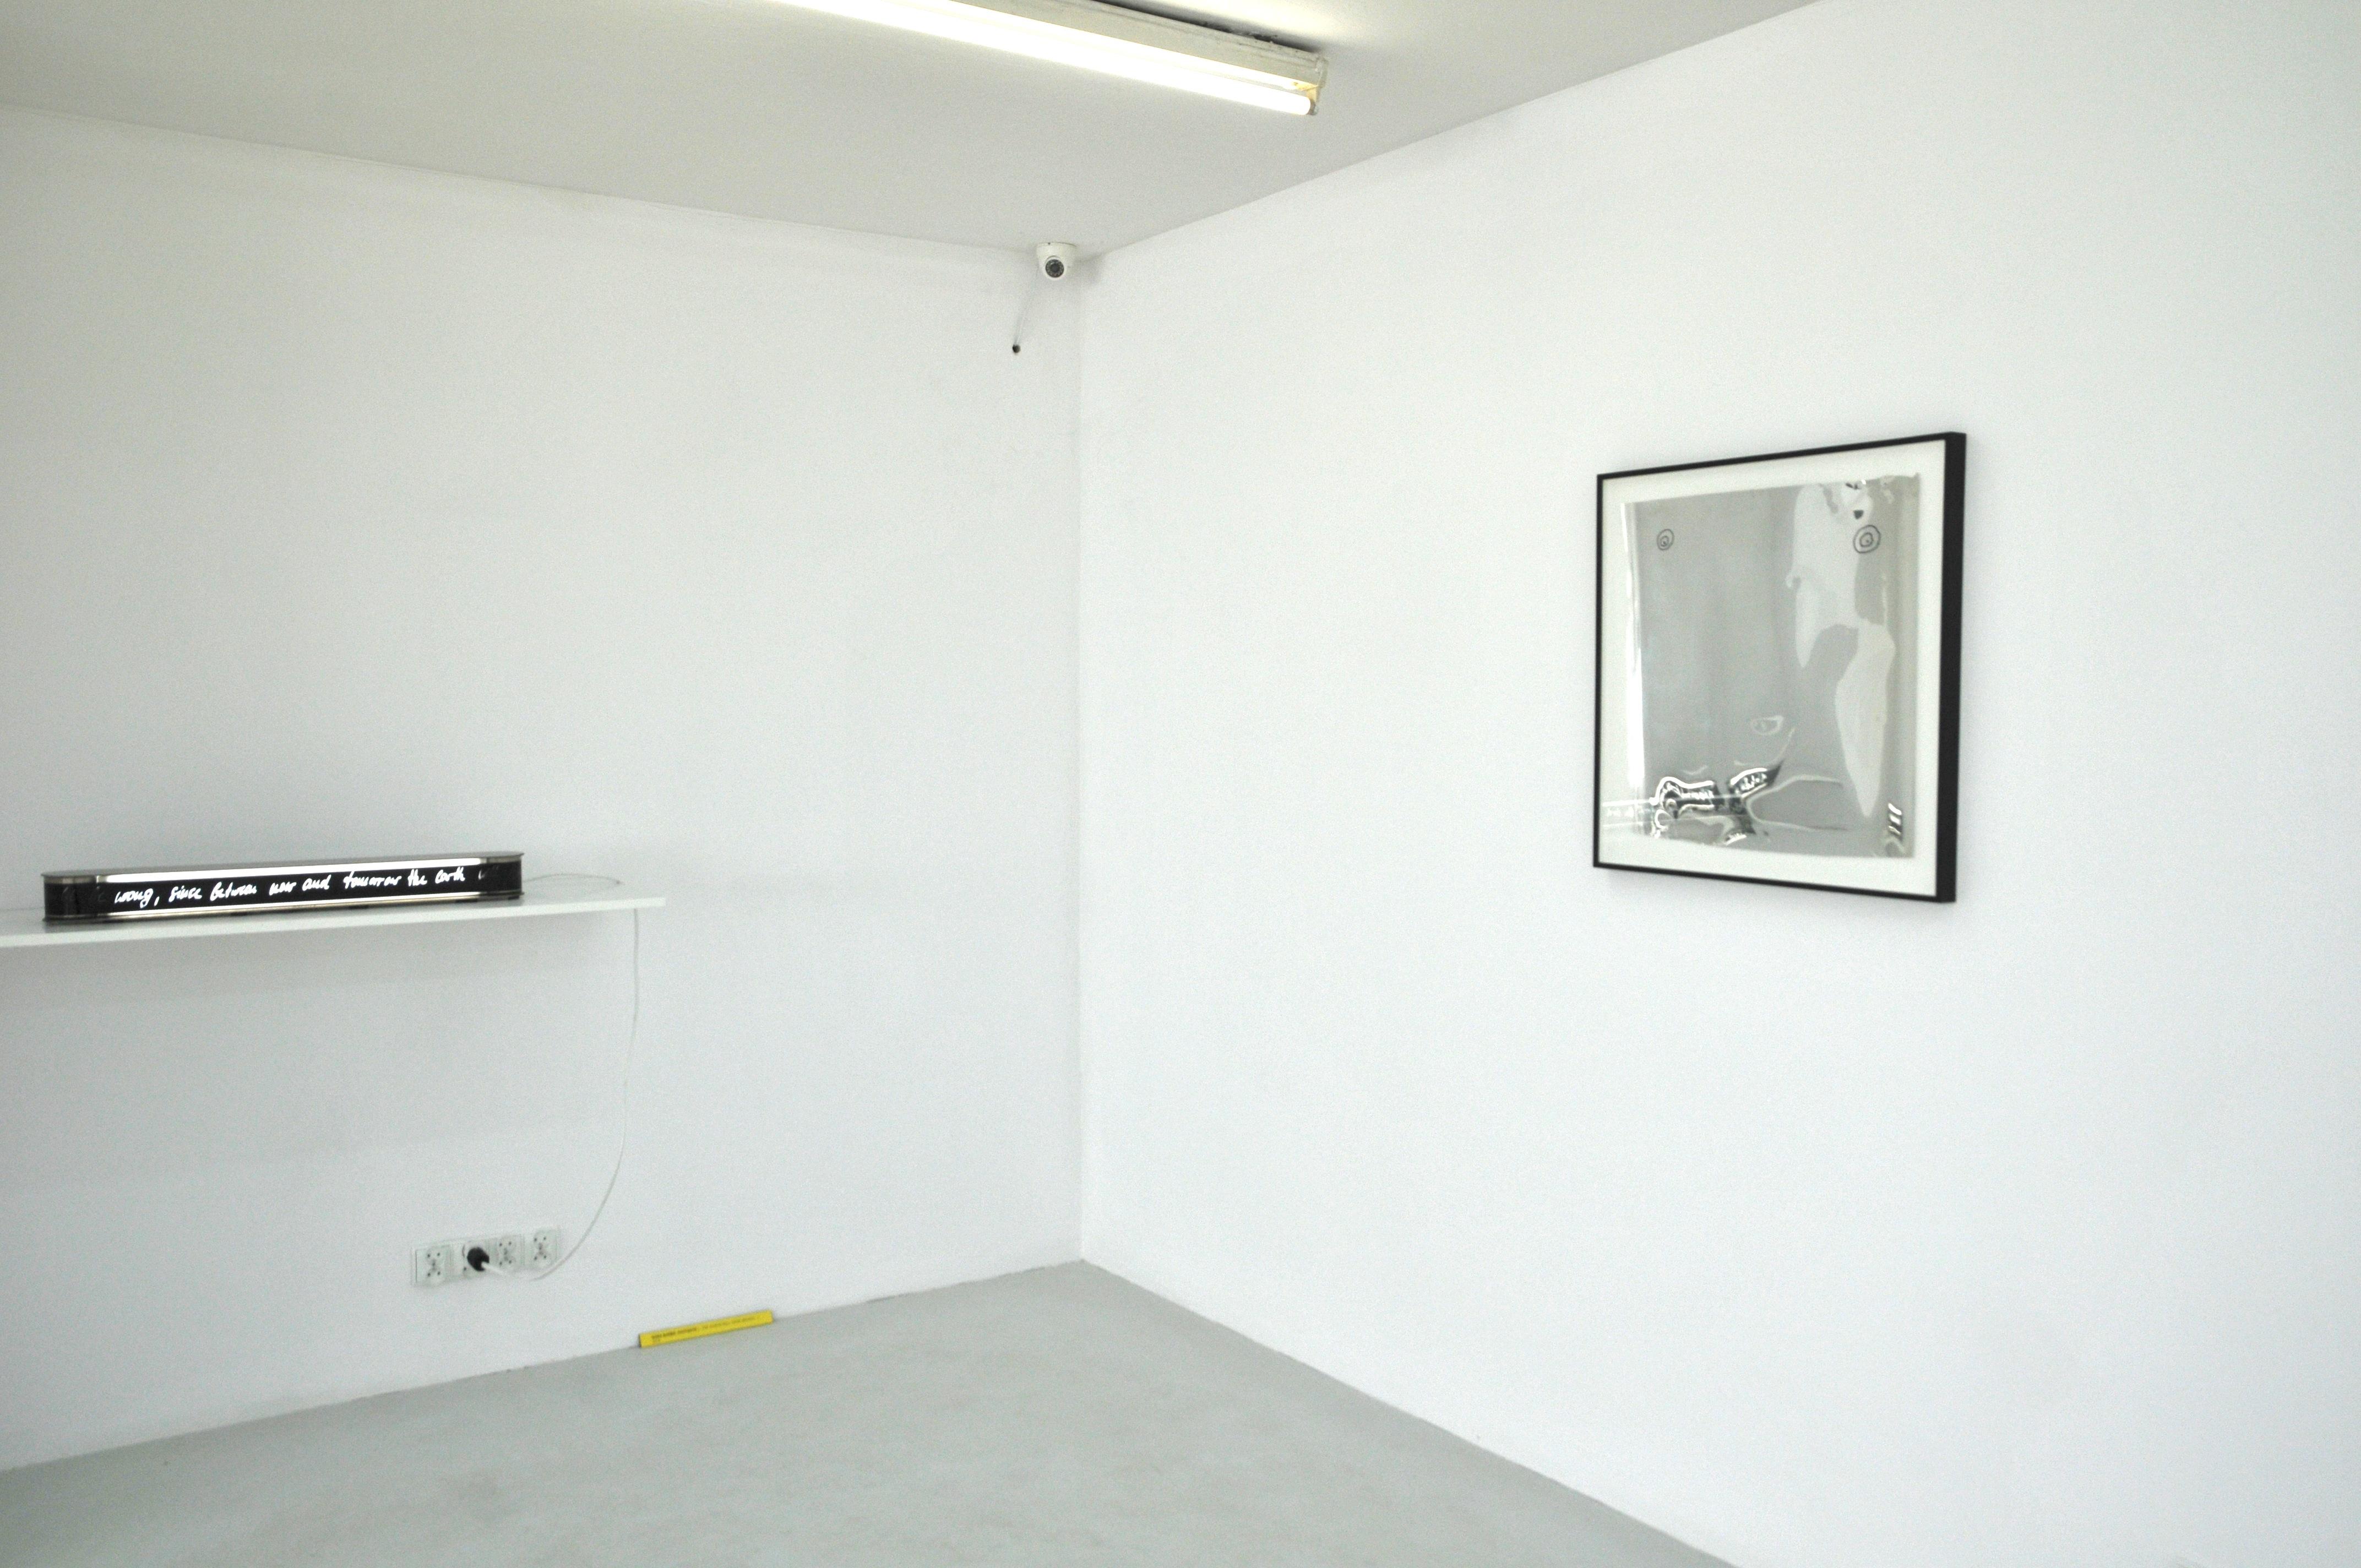 Zrobić niemożliwe światło widok wystawy, dzięki uprzejmości Fundacji Arton